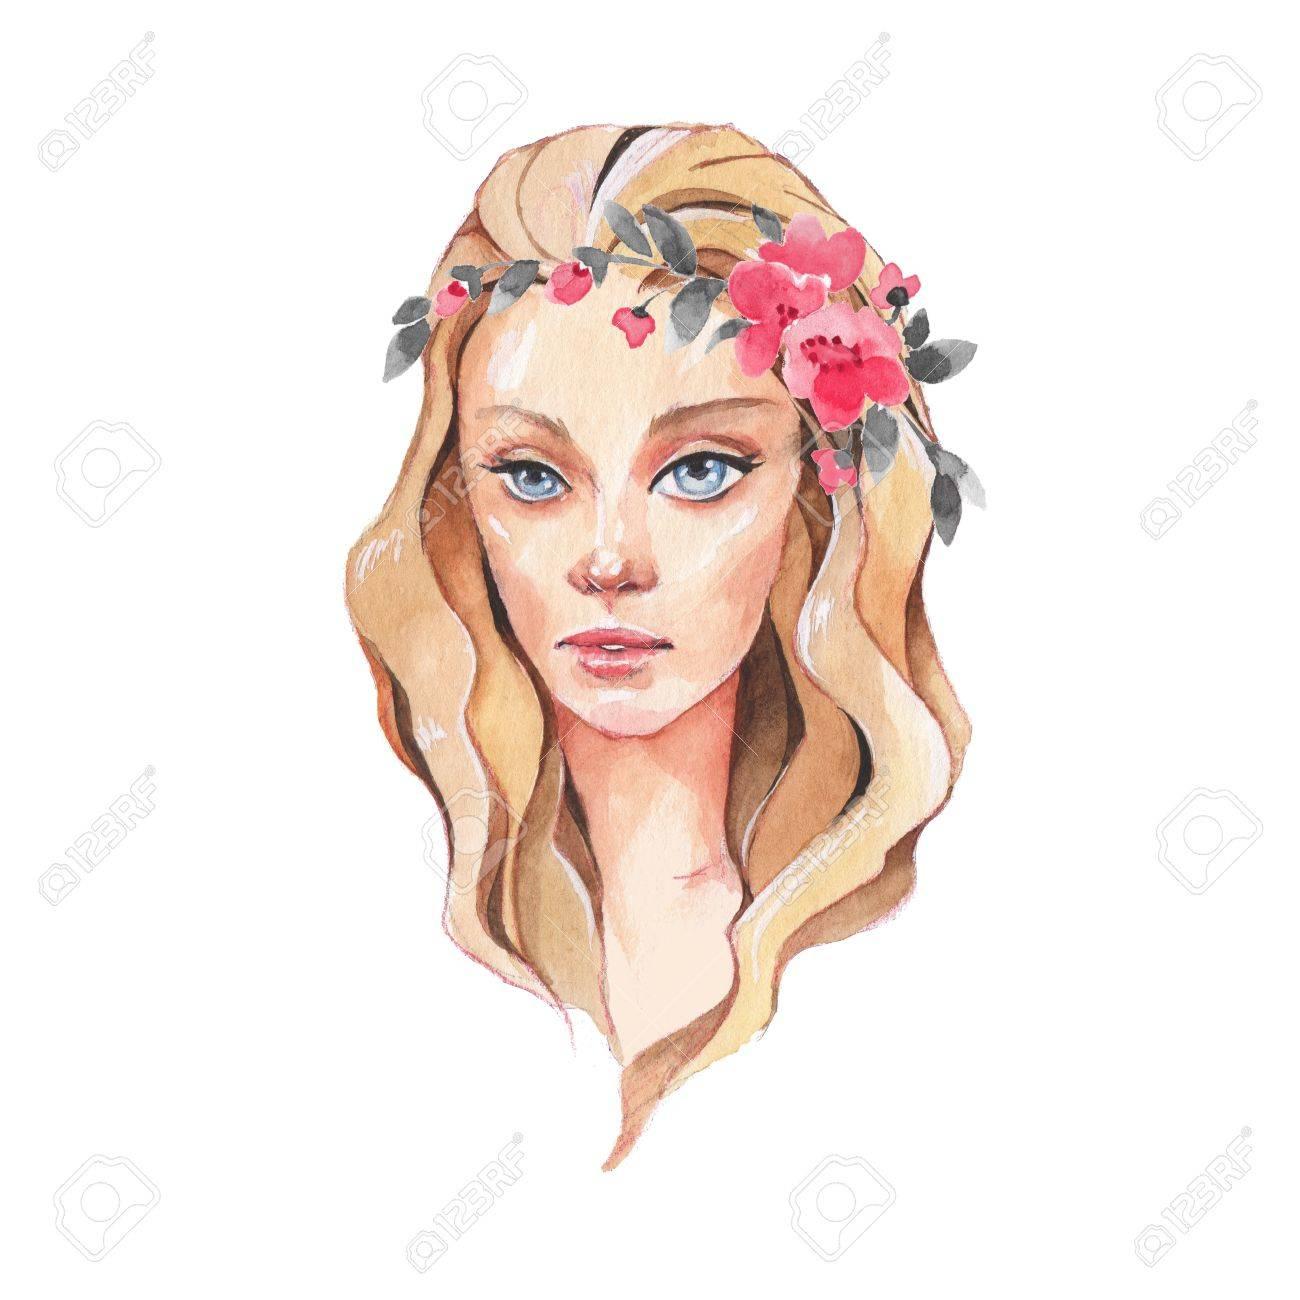 2 青い目を持つ少女美しい女性の顔水彩イラスト の写真素材画像